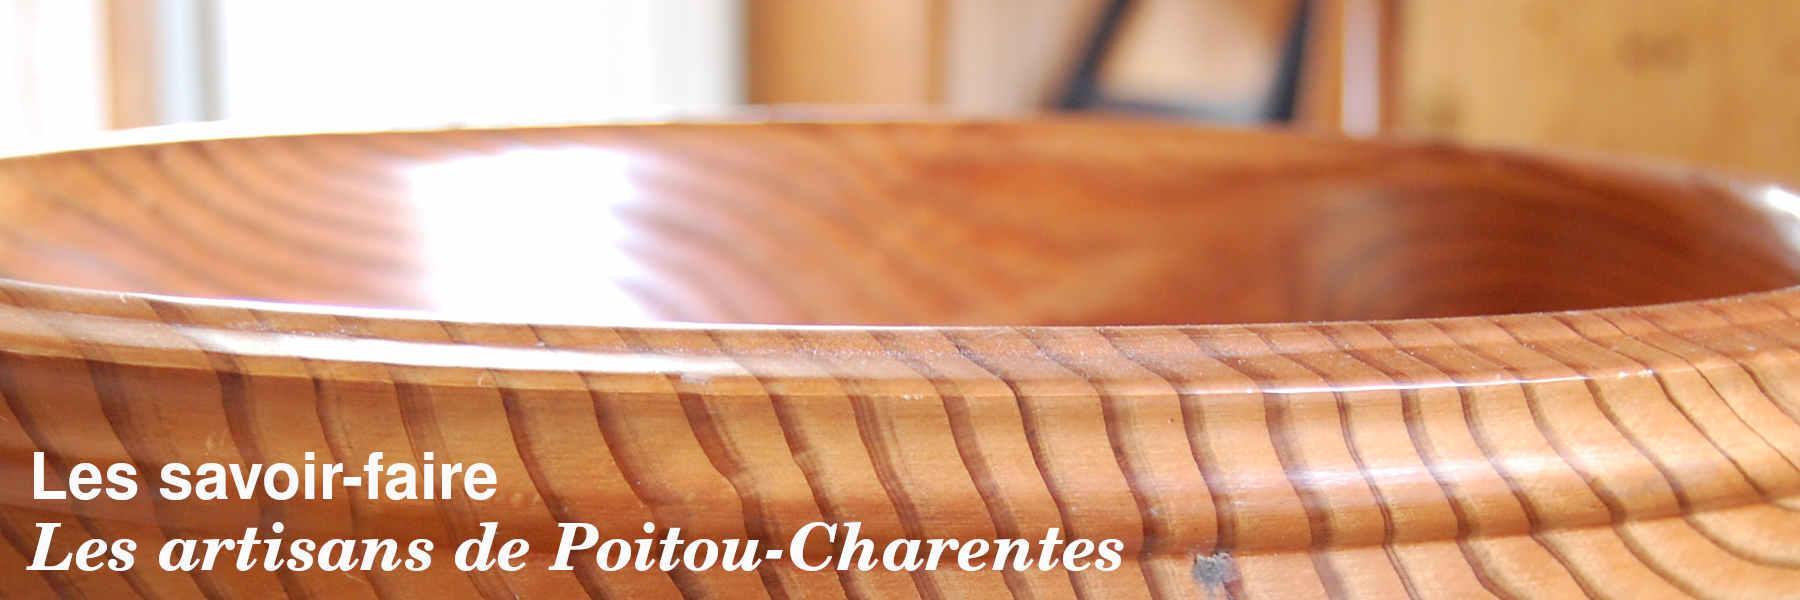 Les artisans Poitou-Charentes